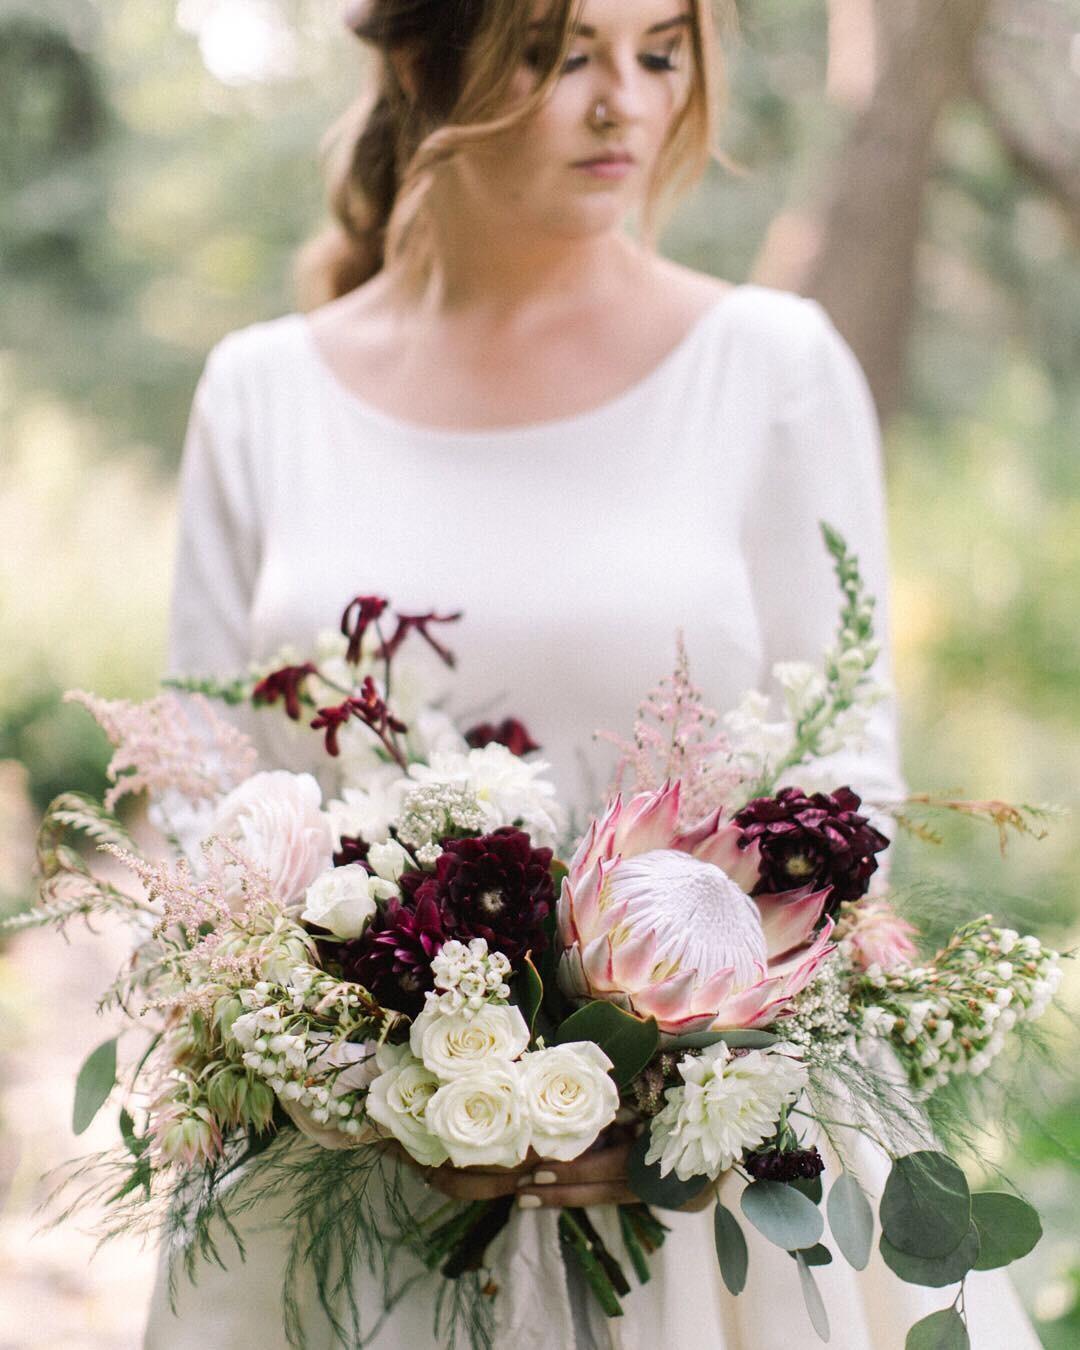 Свадебные букеты для самых красивых невест: модные тенденции 2019 | 30